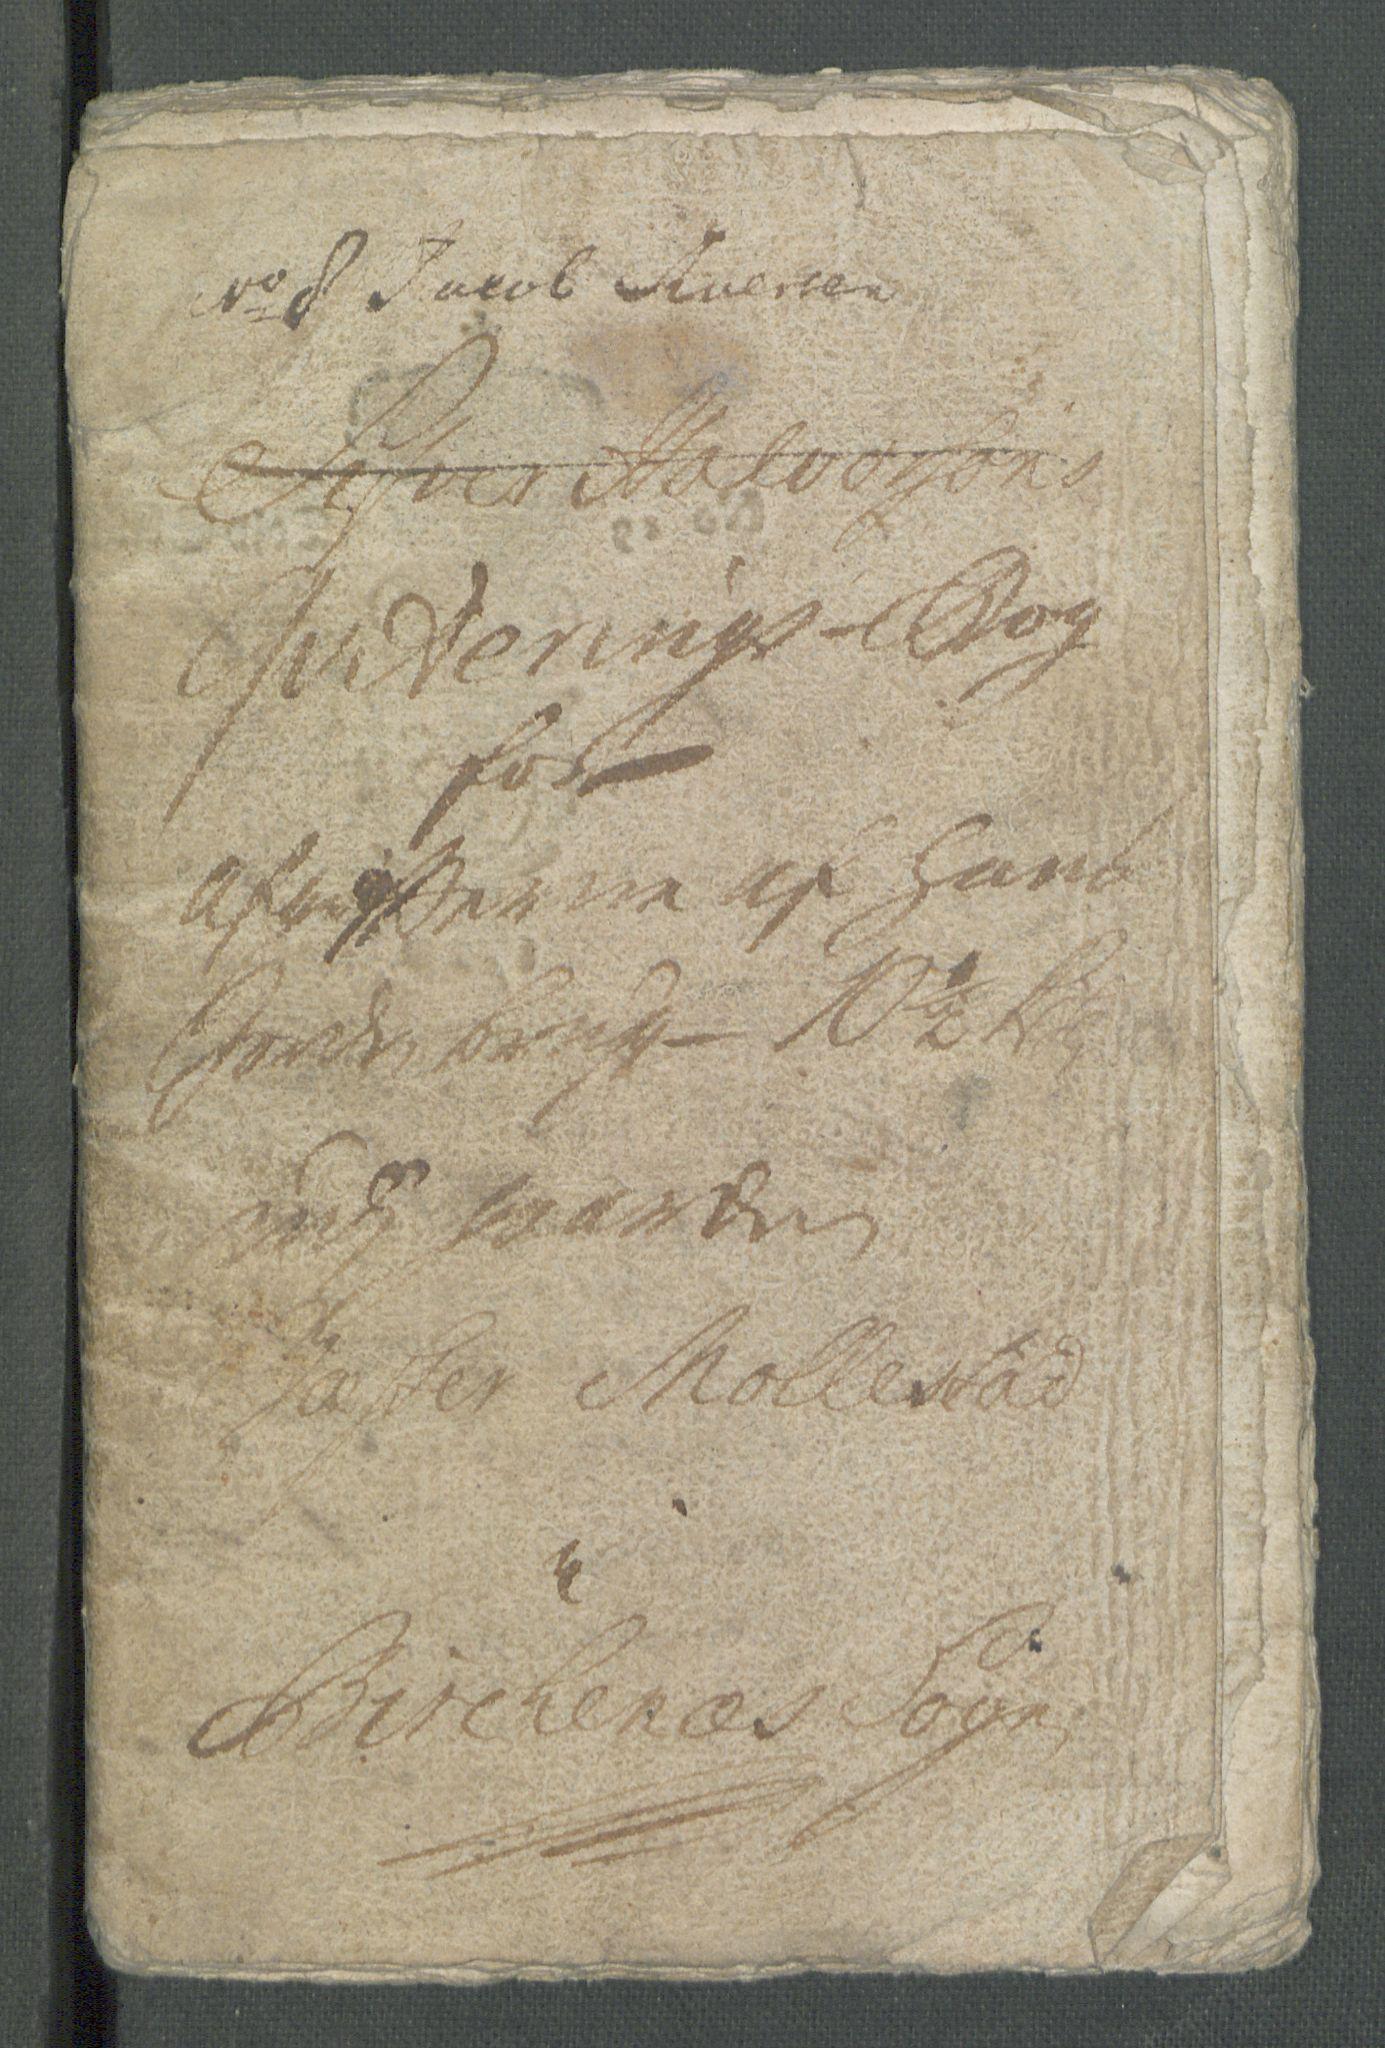 RA, Rentekammeret inntil 1814, Realistisk ordnet avdeling, Od/L0001: Oppløp, 1786-1769, s. 434